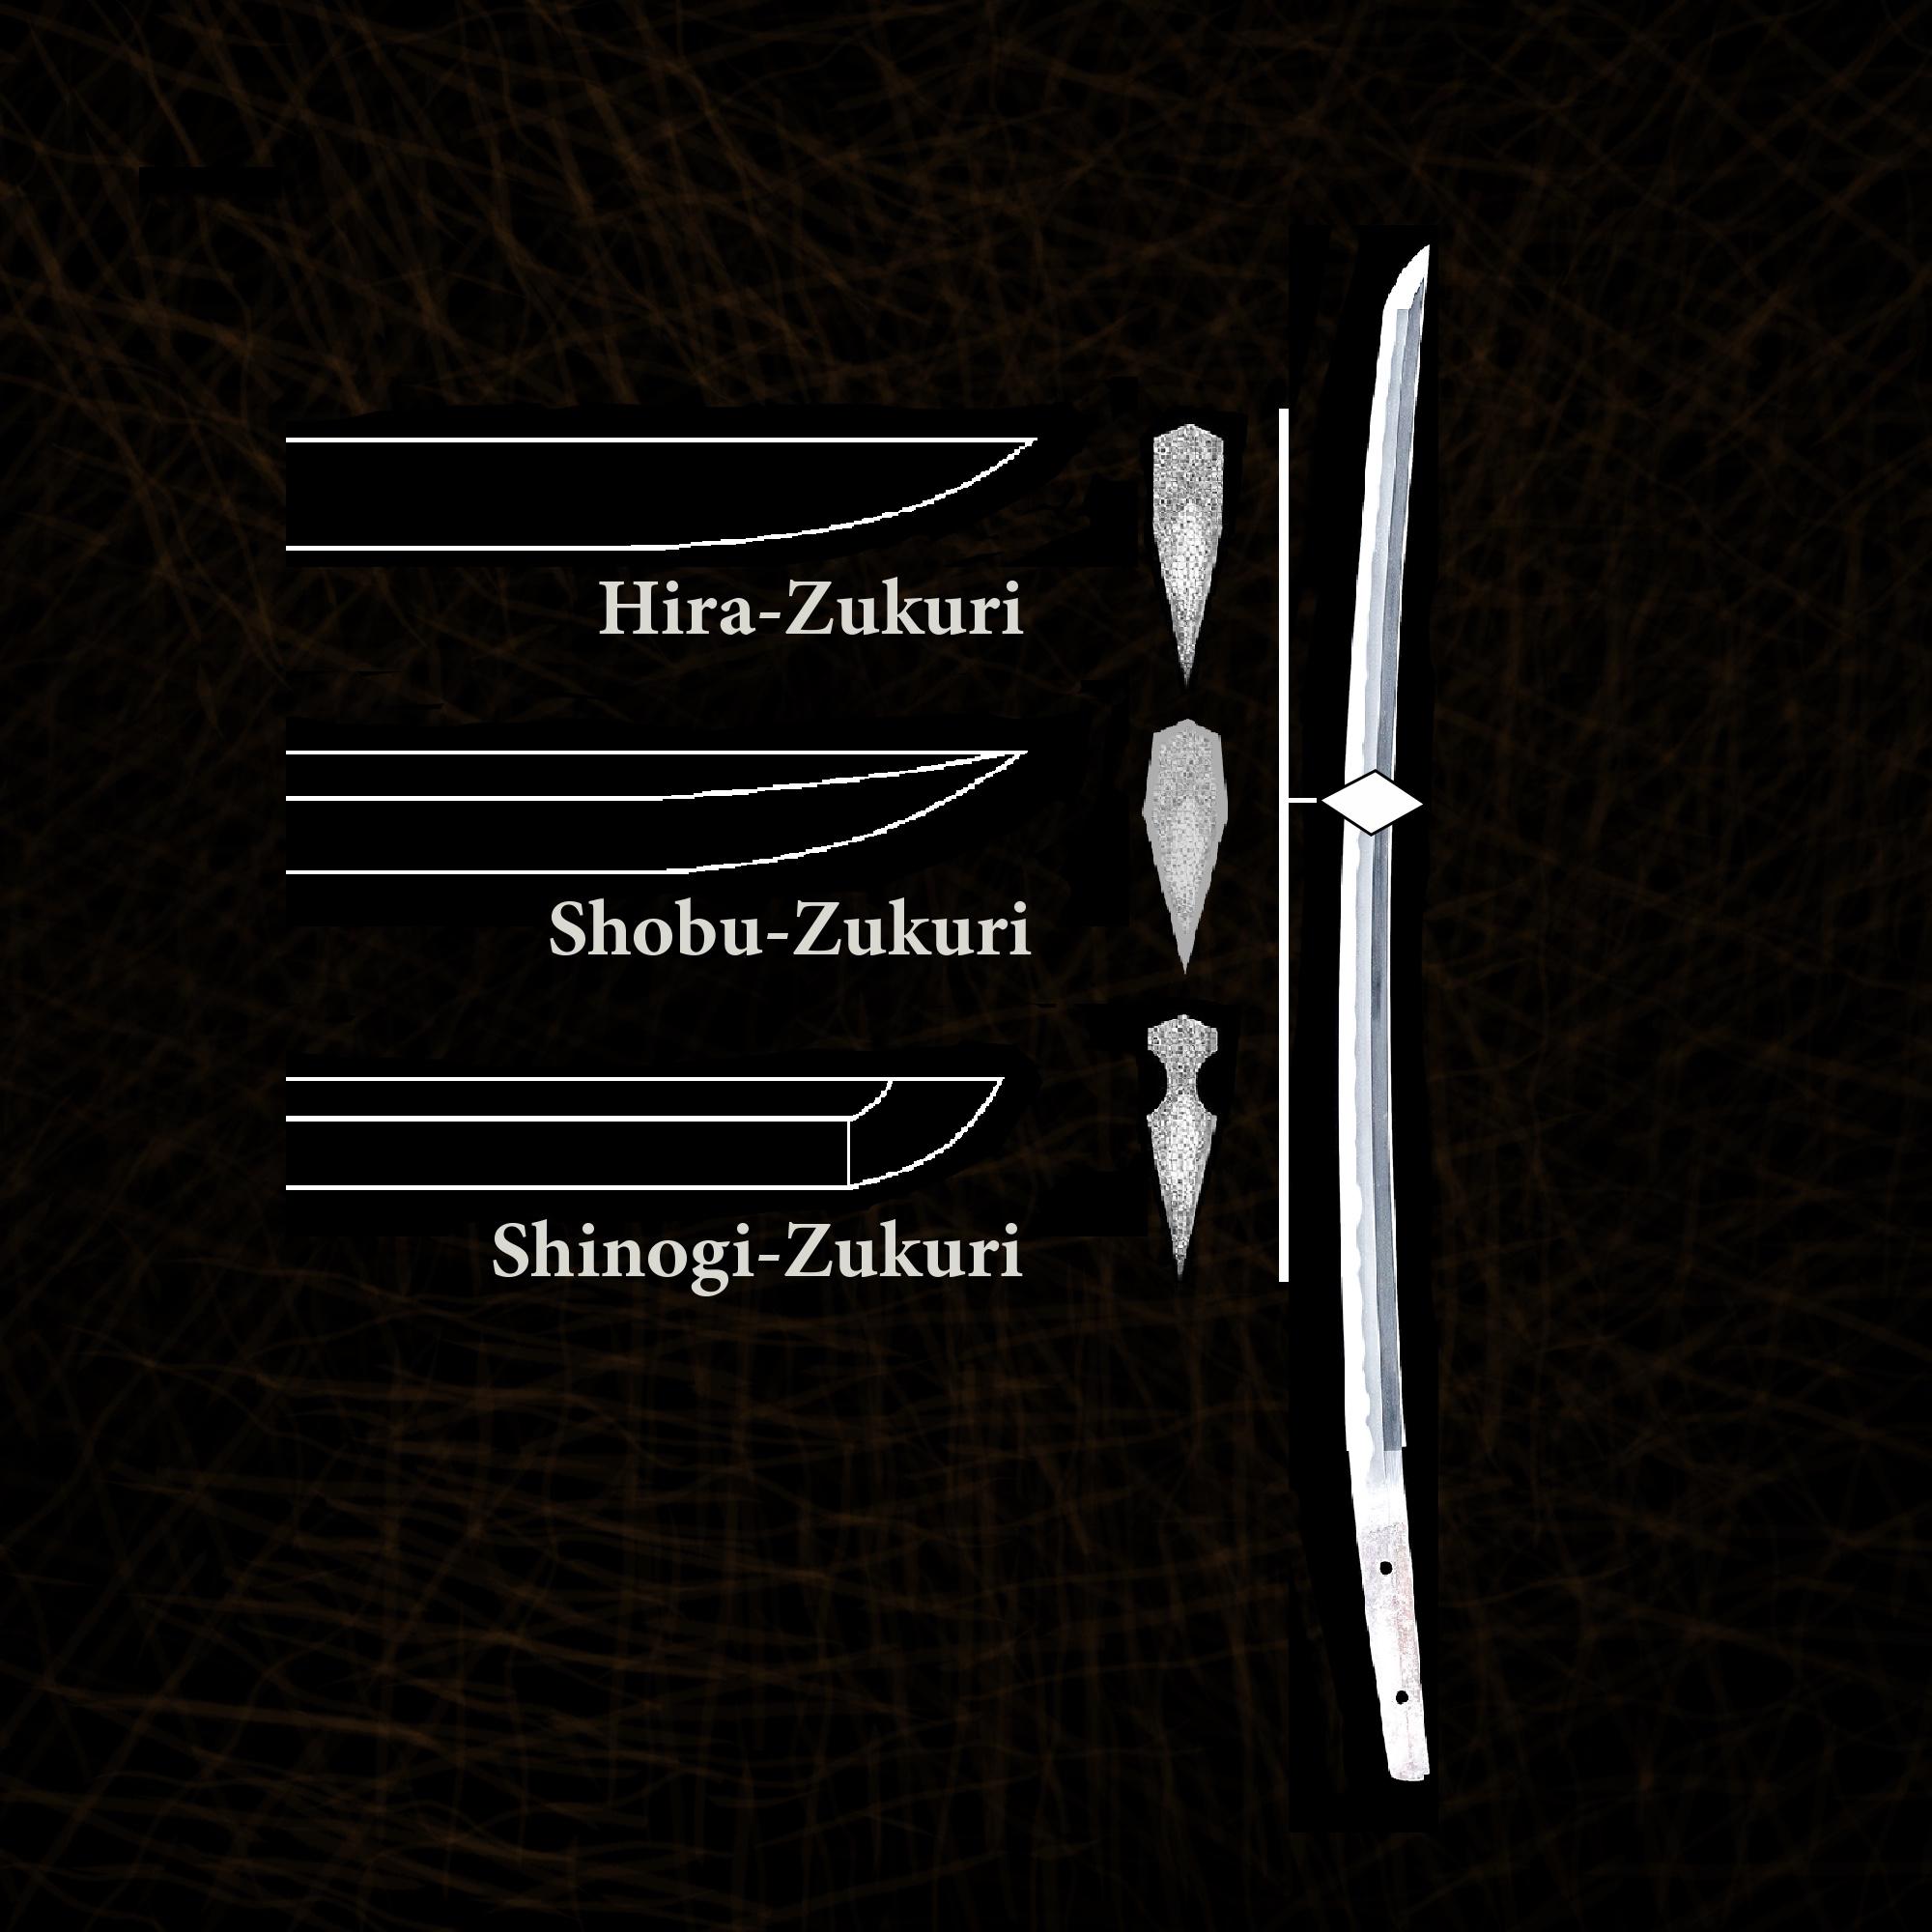 zukuri